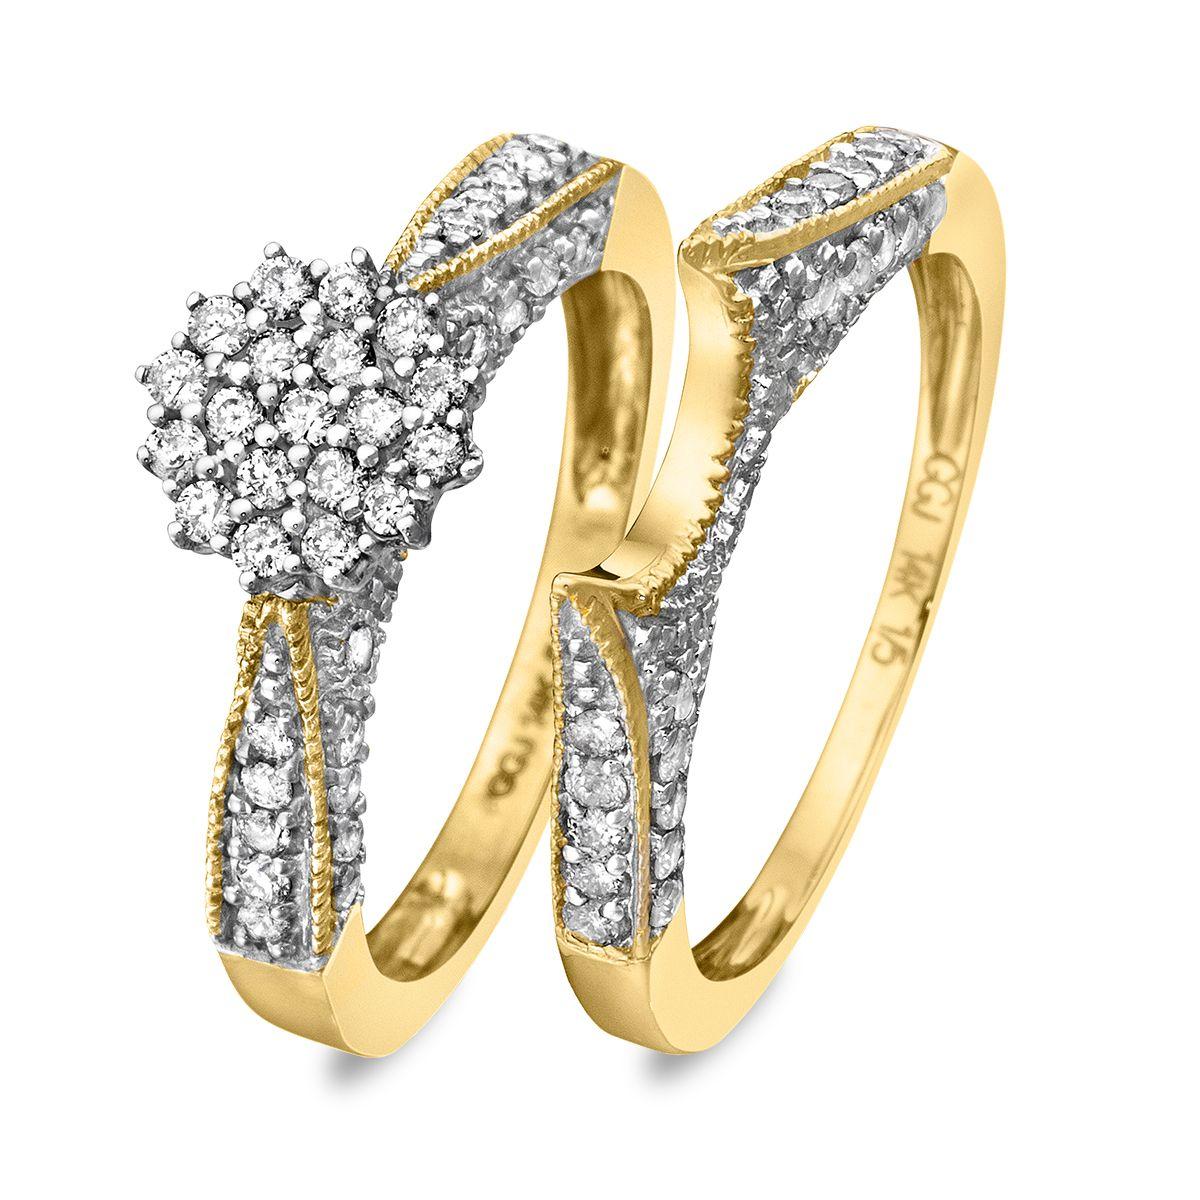 34 carat diamond bridal wedding ring set 14k yellow gold